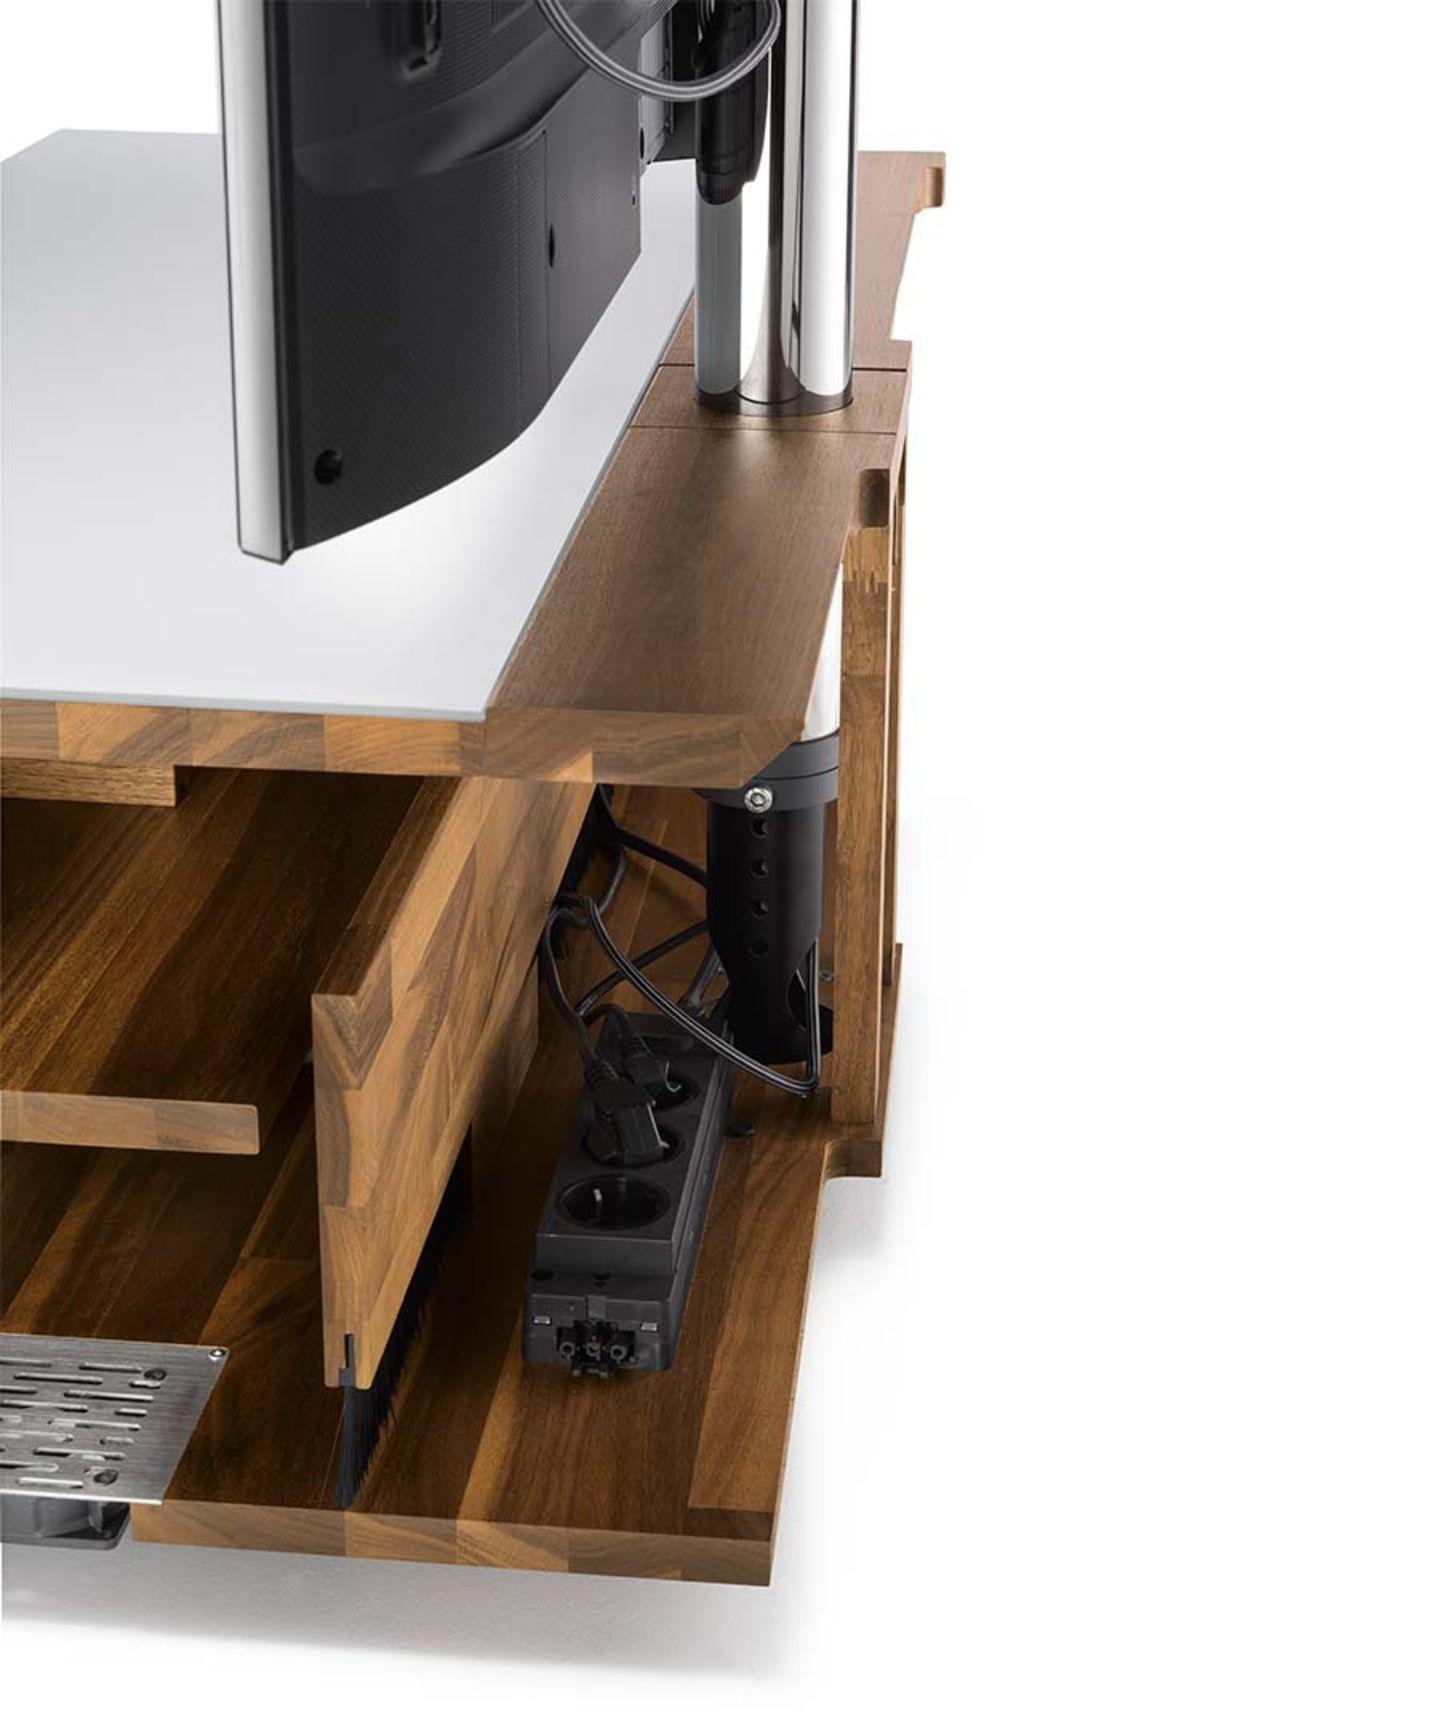 Home Entertainment Möbel cubus pure mit aufgschnittenem Korpus von hinten